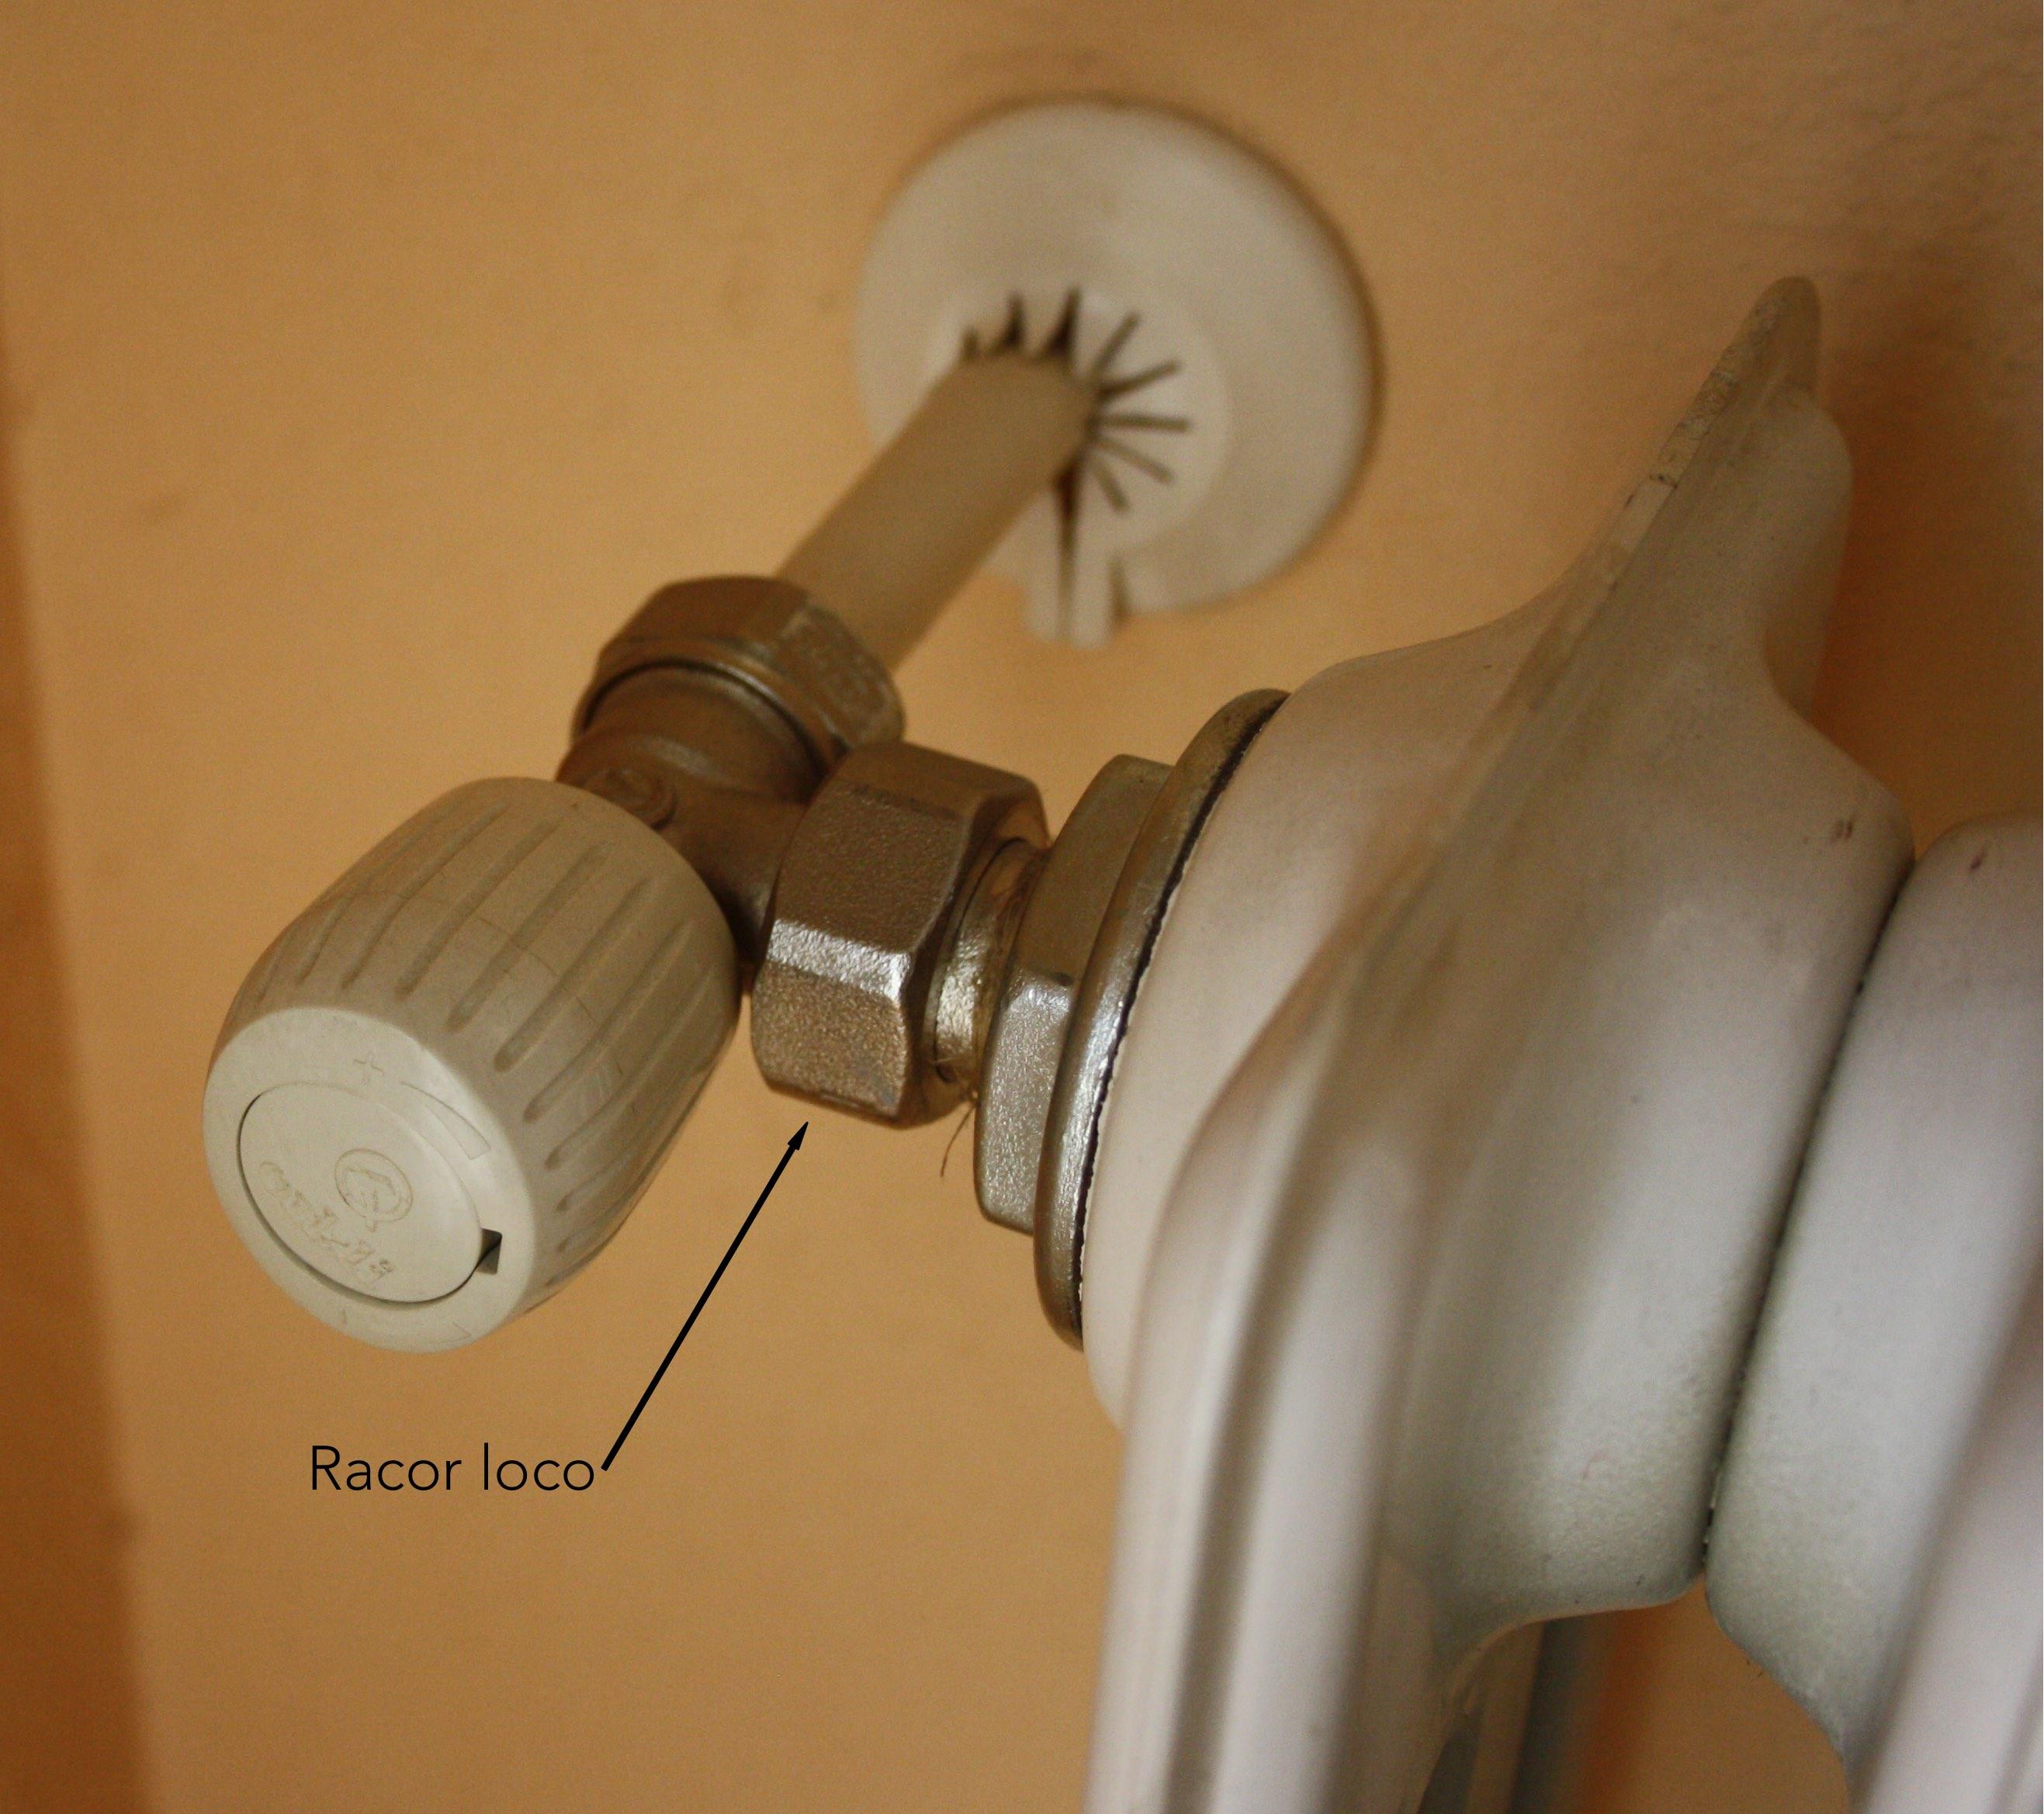 C mo purgar una instalaci n gerardo robles for Cambiar llave radiador